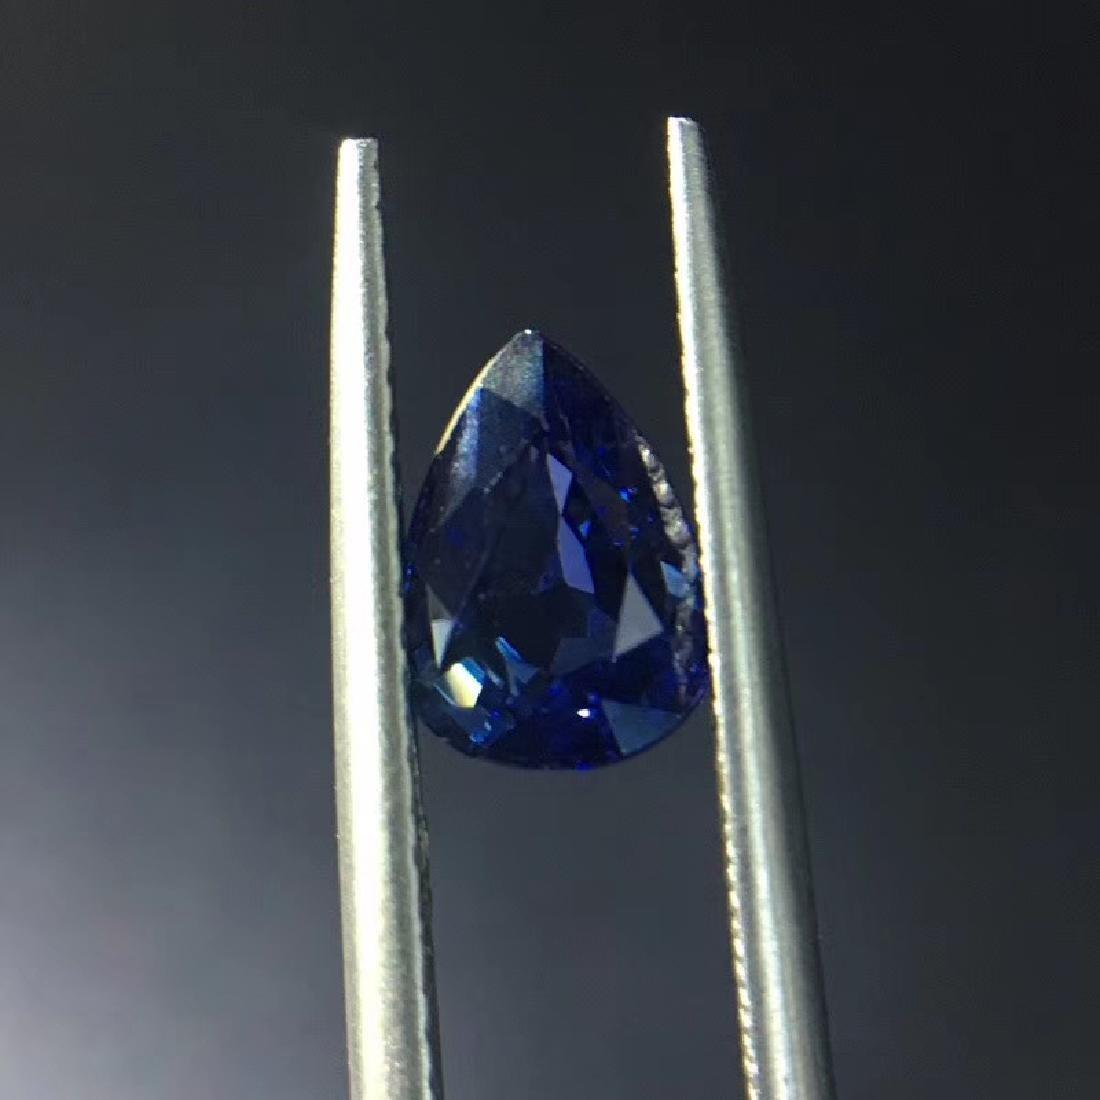 1.54 ct Sapphire 5.8*7.8*4.0 mm Pear Cut - 4